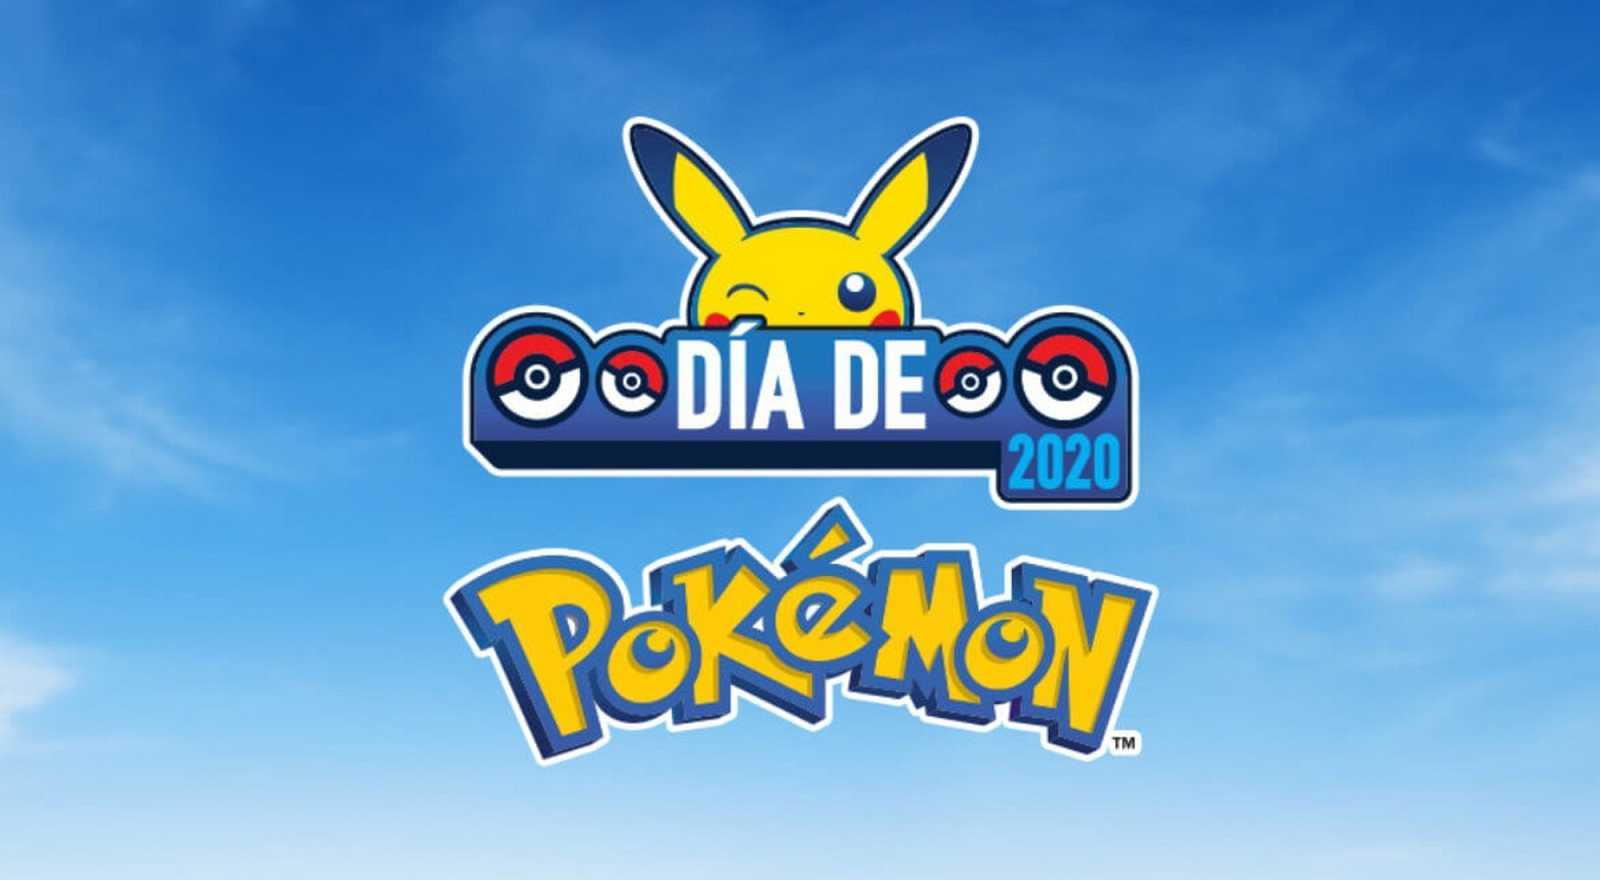 El día de Pokémon se representa con Pikachu